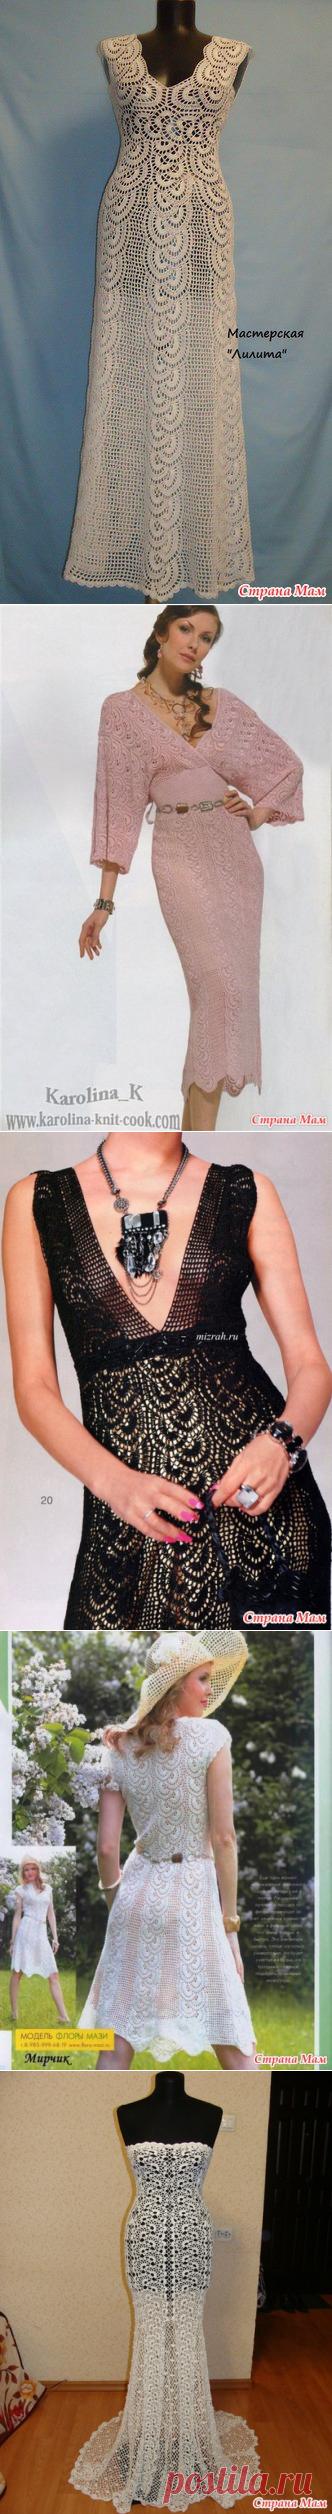 Шикарное платье лентами - Вяжем вместе он-лайн - Страна Мам